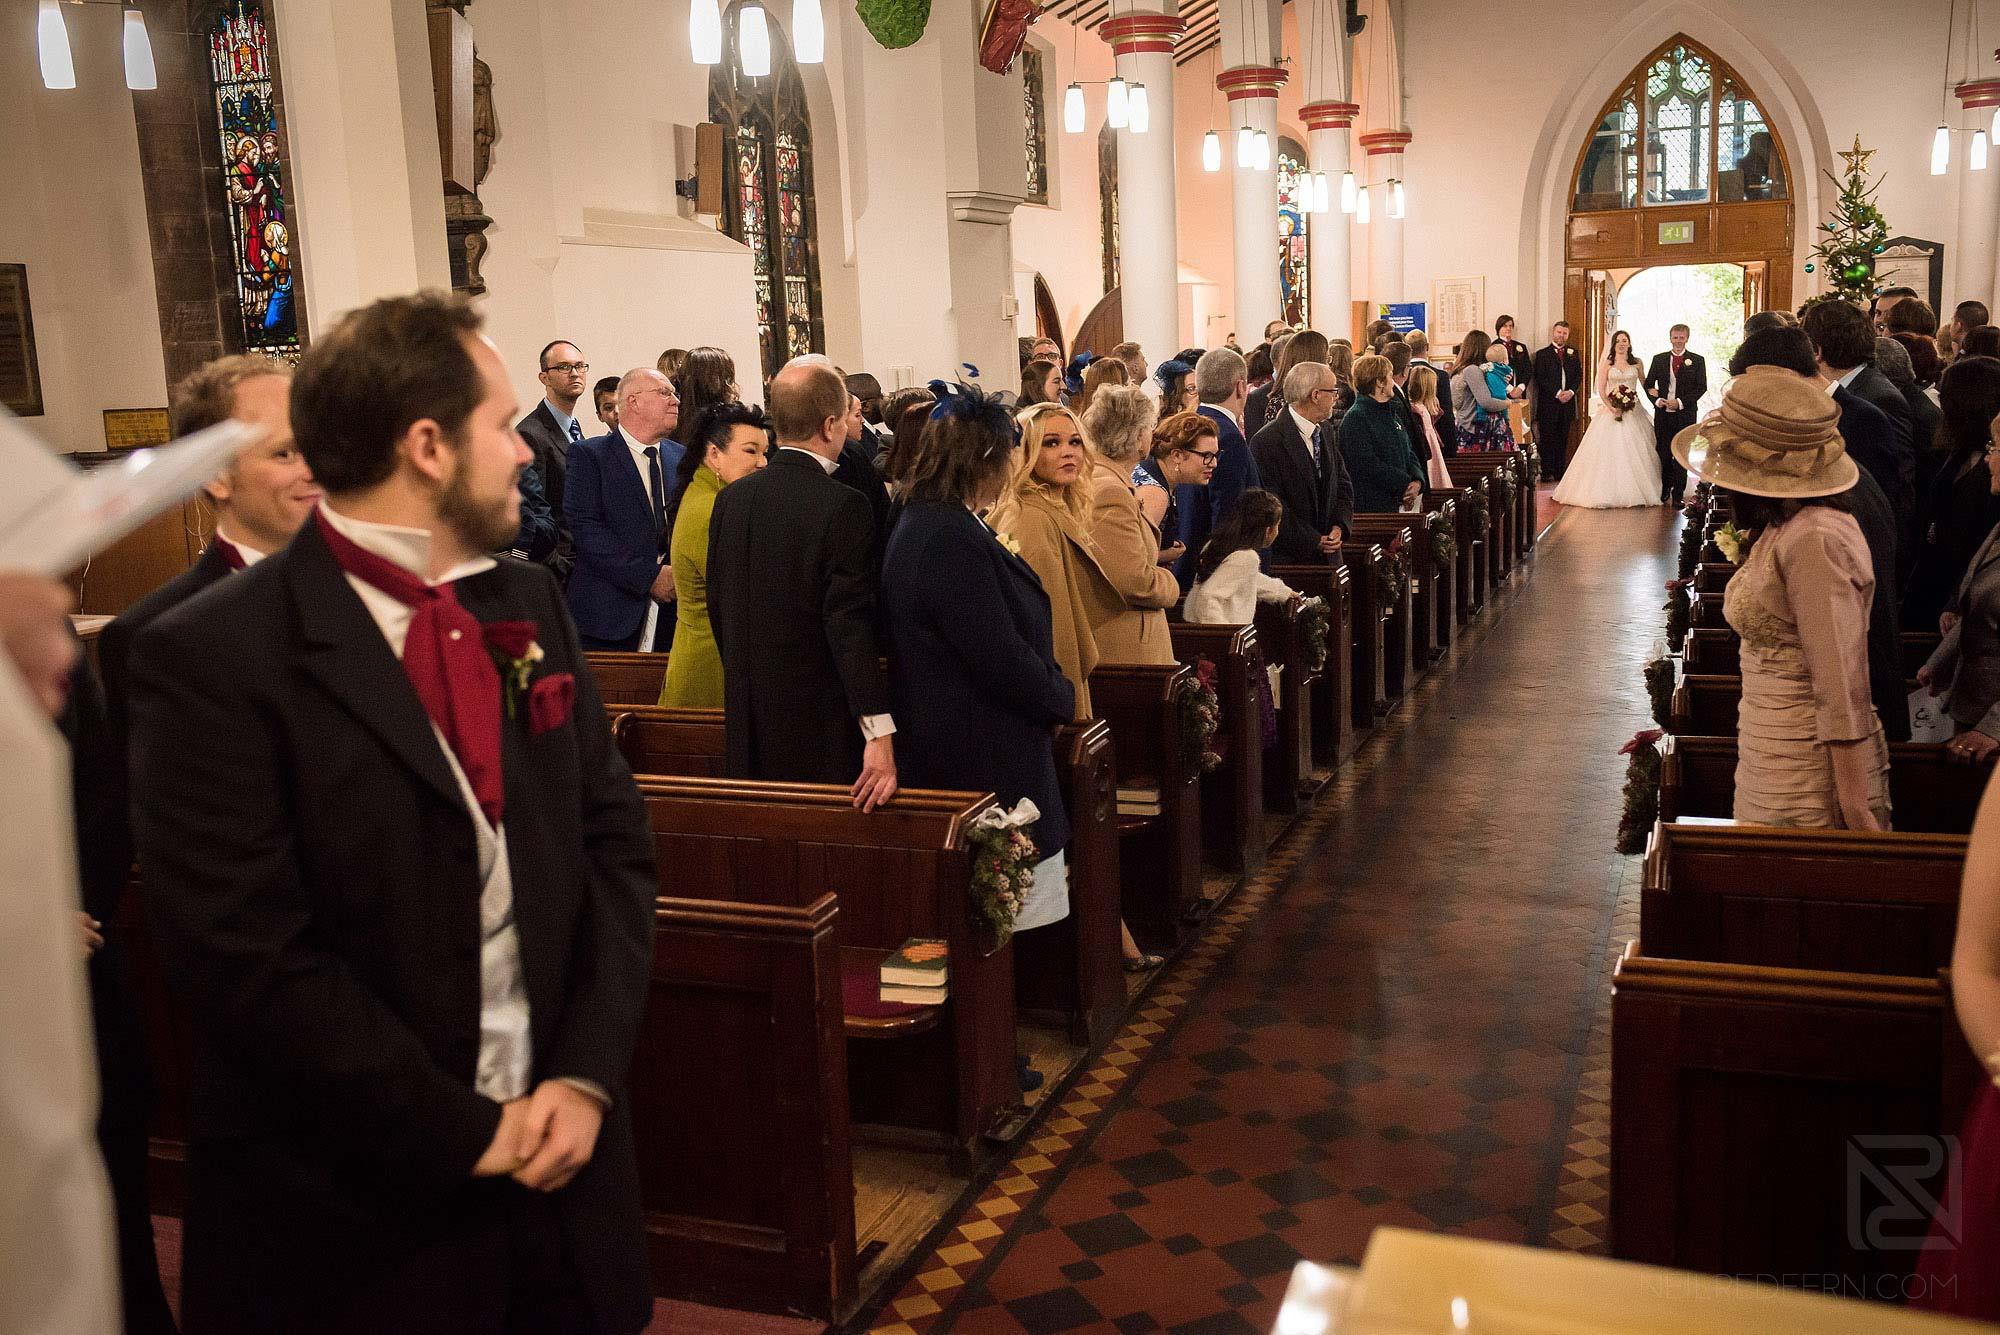 bride walking down aisle in St James' Church in Didsbury